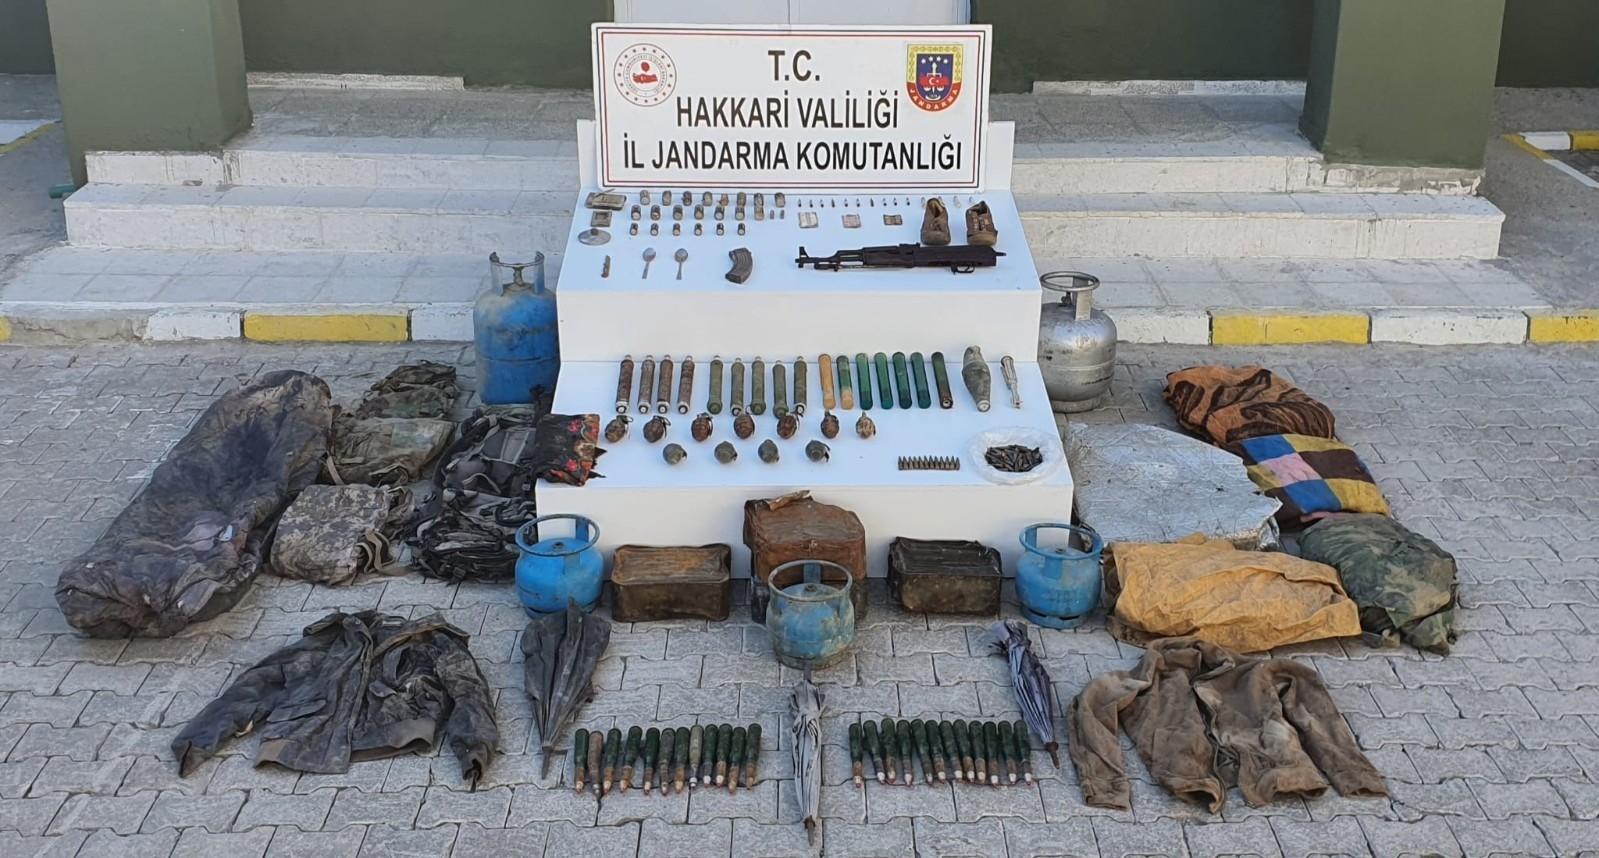 Yüksekova'da çok sayıda mühimmat ele geçirildi #hakkari